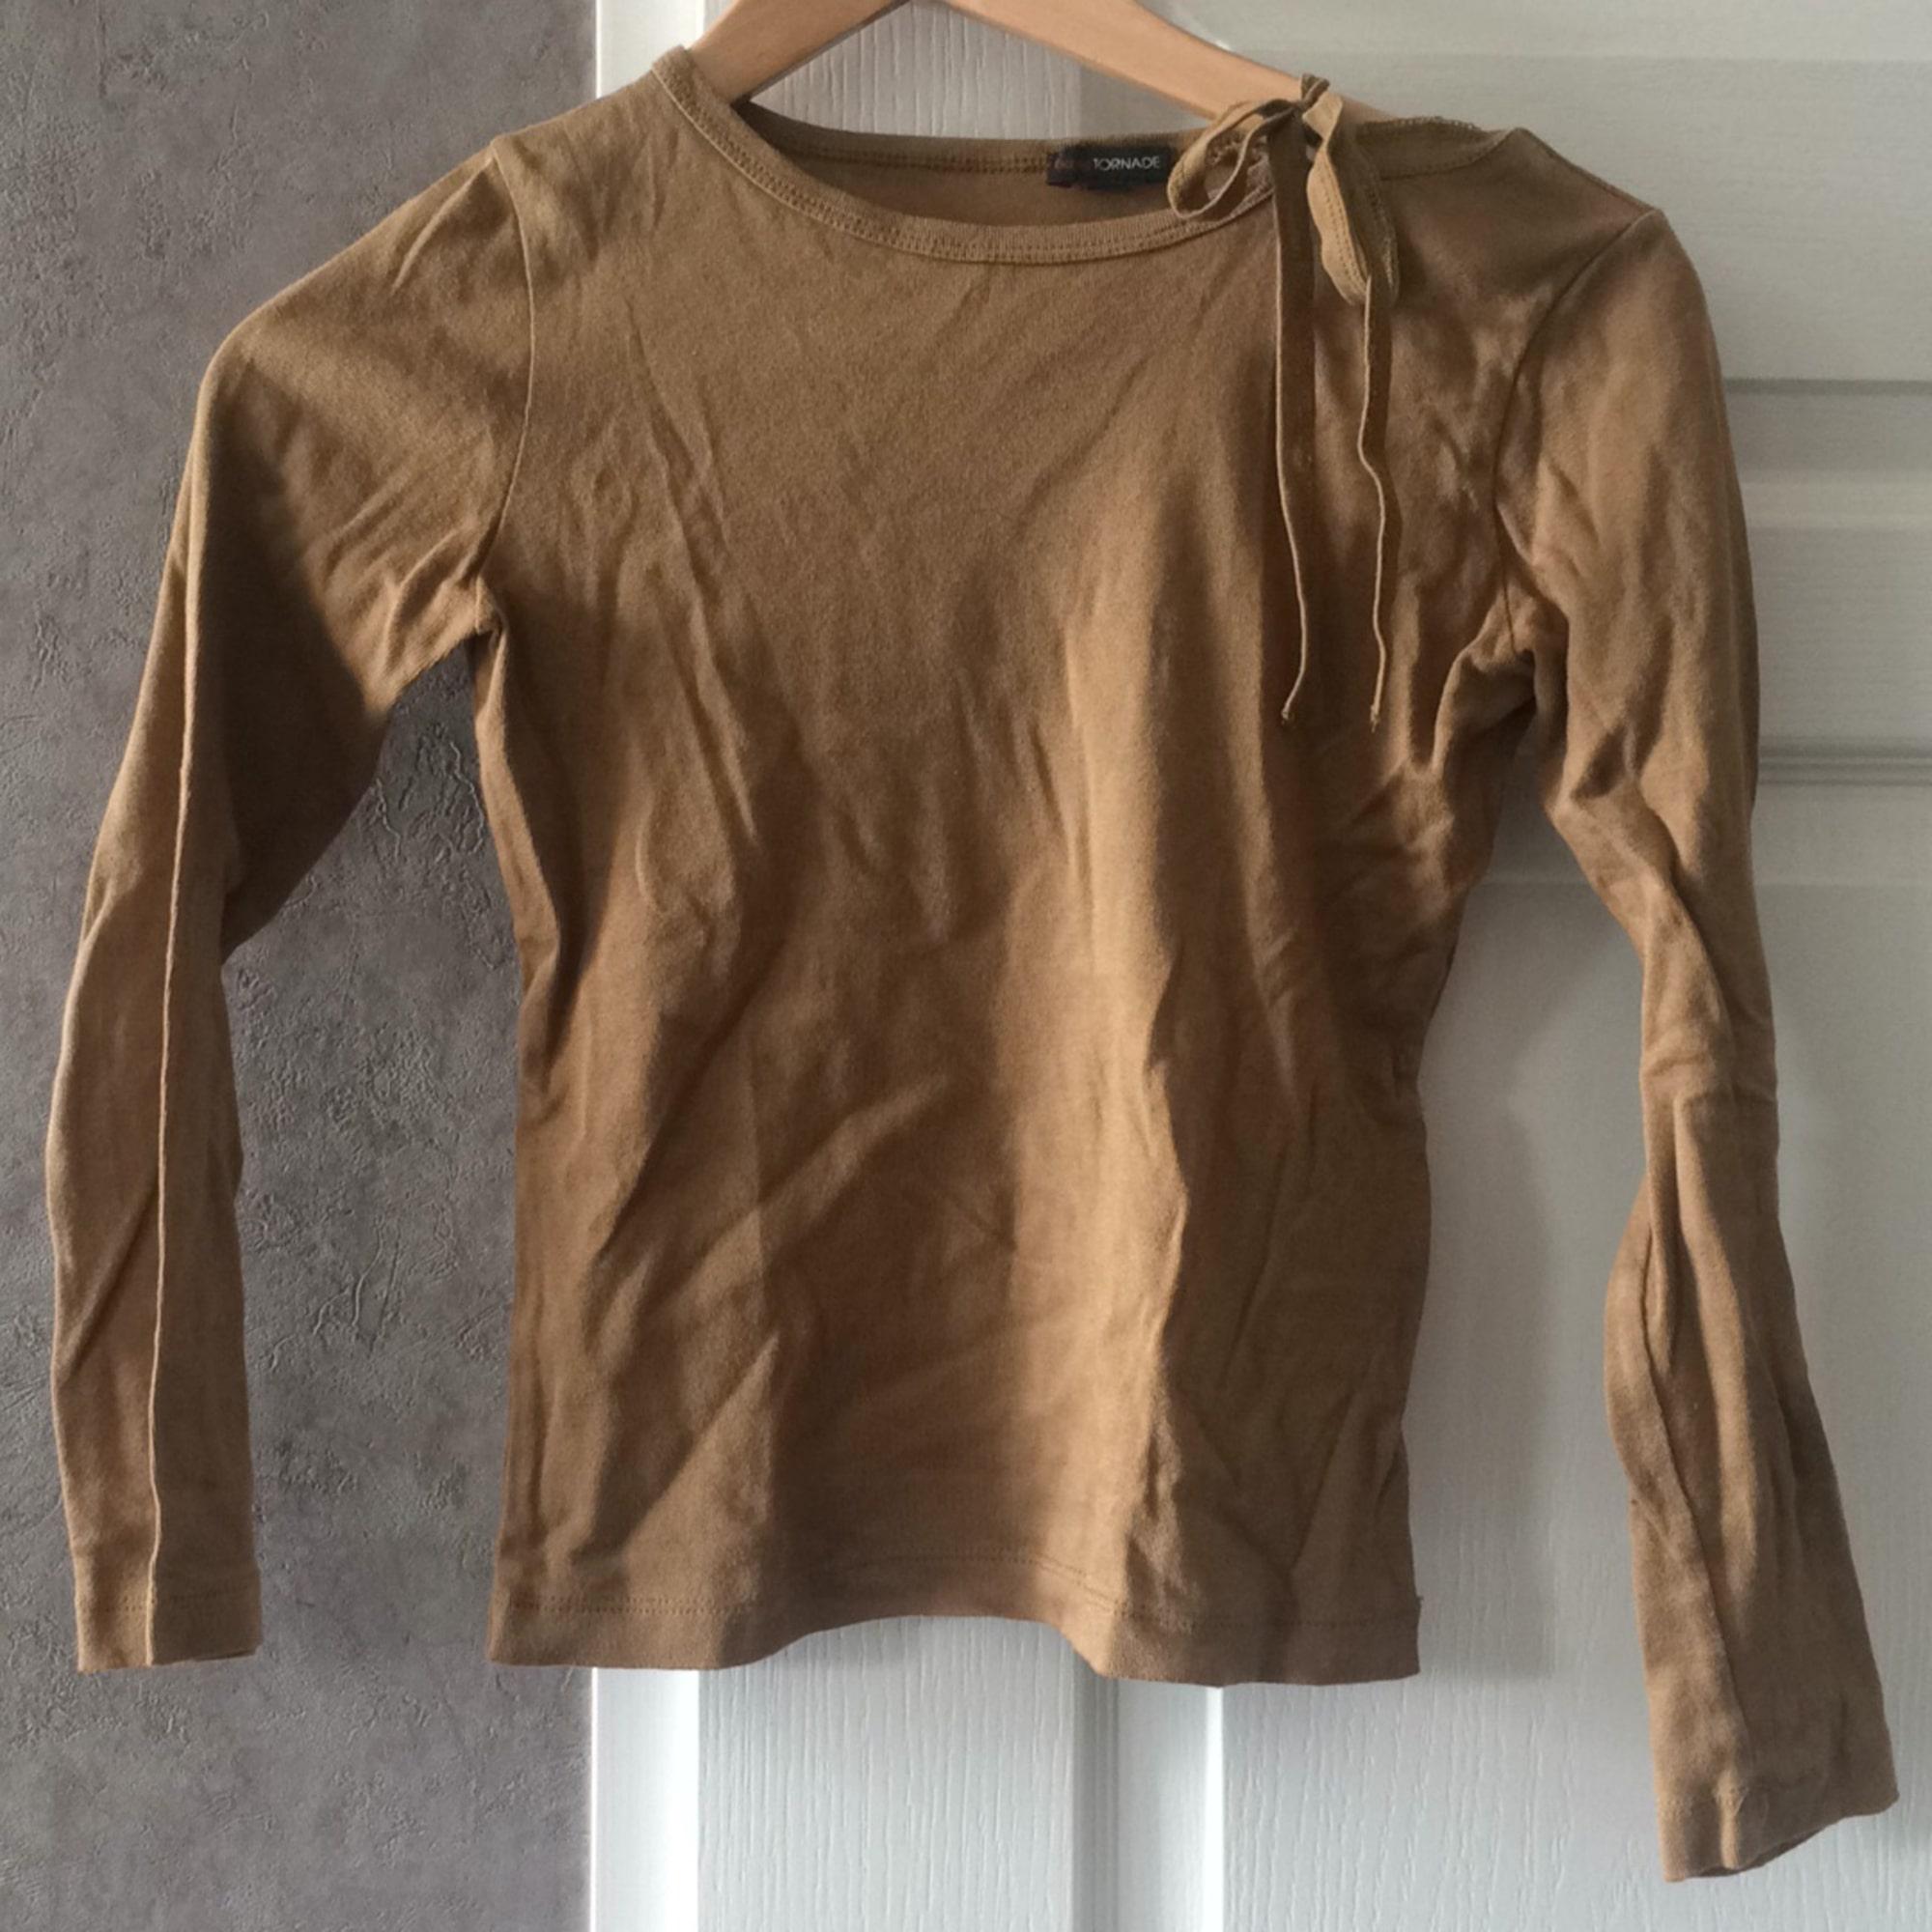 Top, Tee-shirt BILLTORNADE Beige, camel